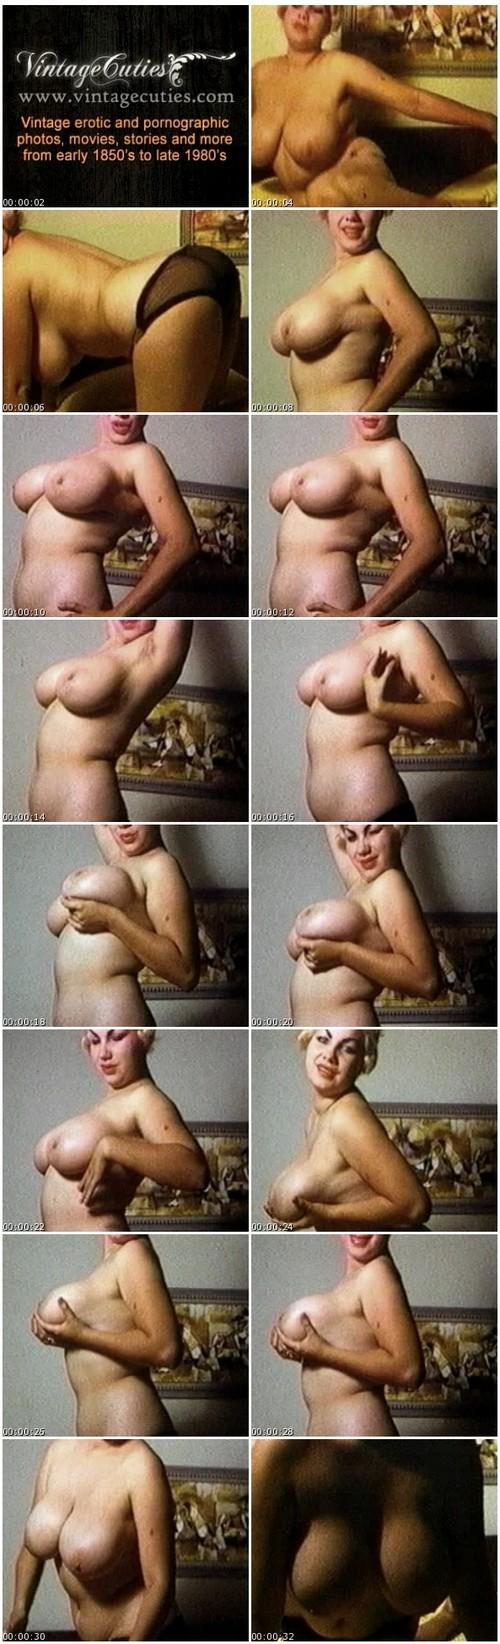 http://ist5-1.filesor.com/pimpandhost.com/9/6/8/3/96838/6/p/9/X/6p9X0/VintageCuties-h140_thumb_m.jpg